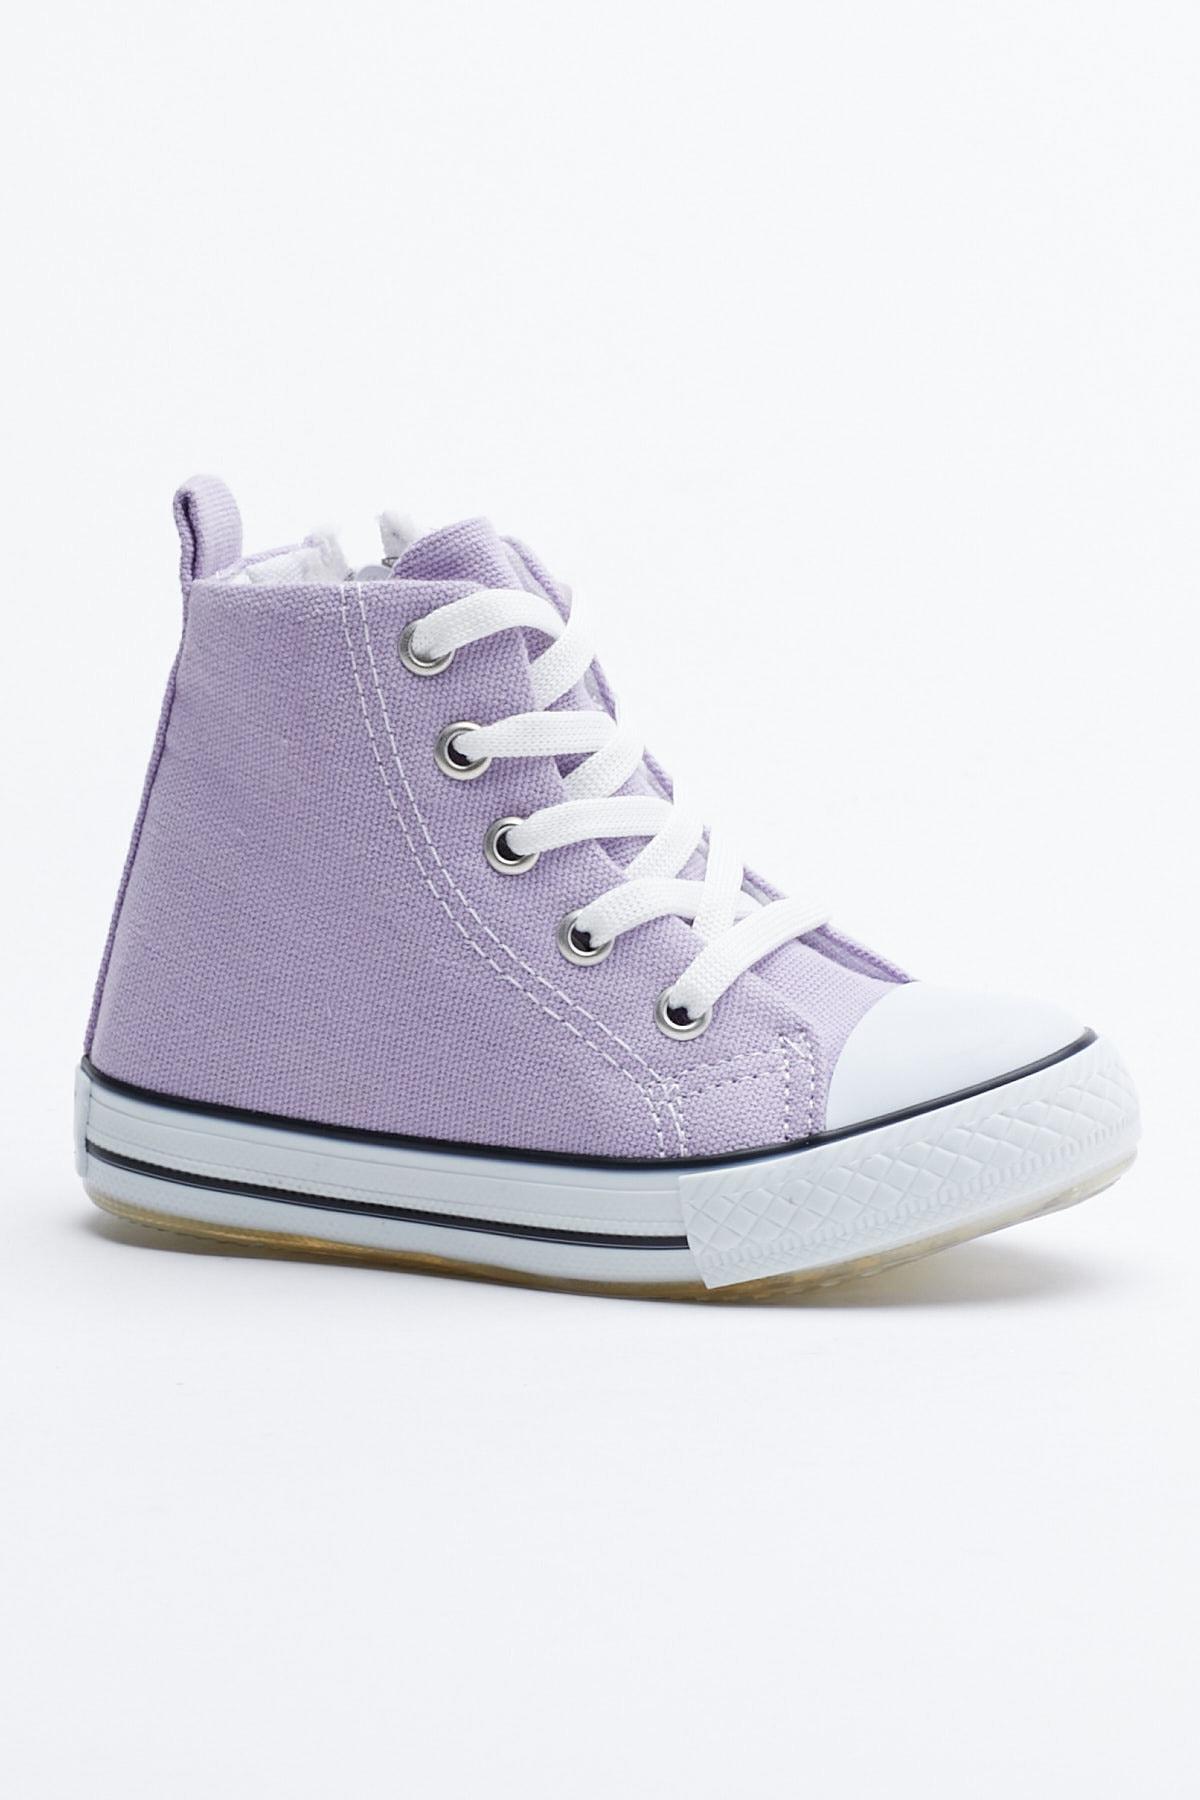 Tonny Black Lila Çocuk Spor Ayakkabı Uzun Tb999 0